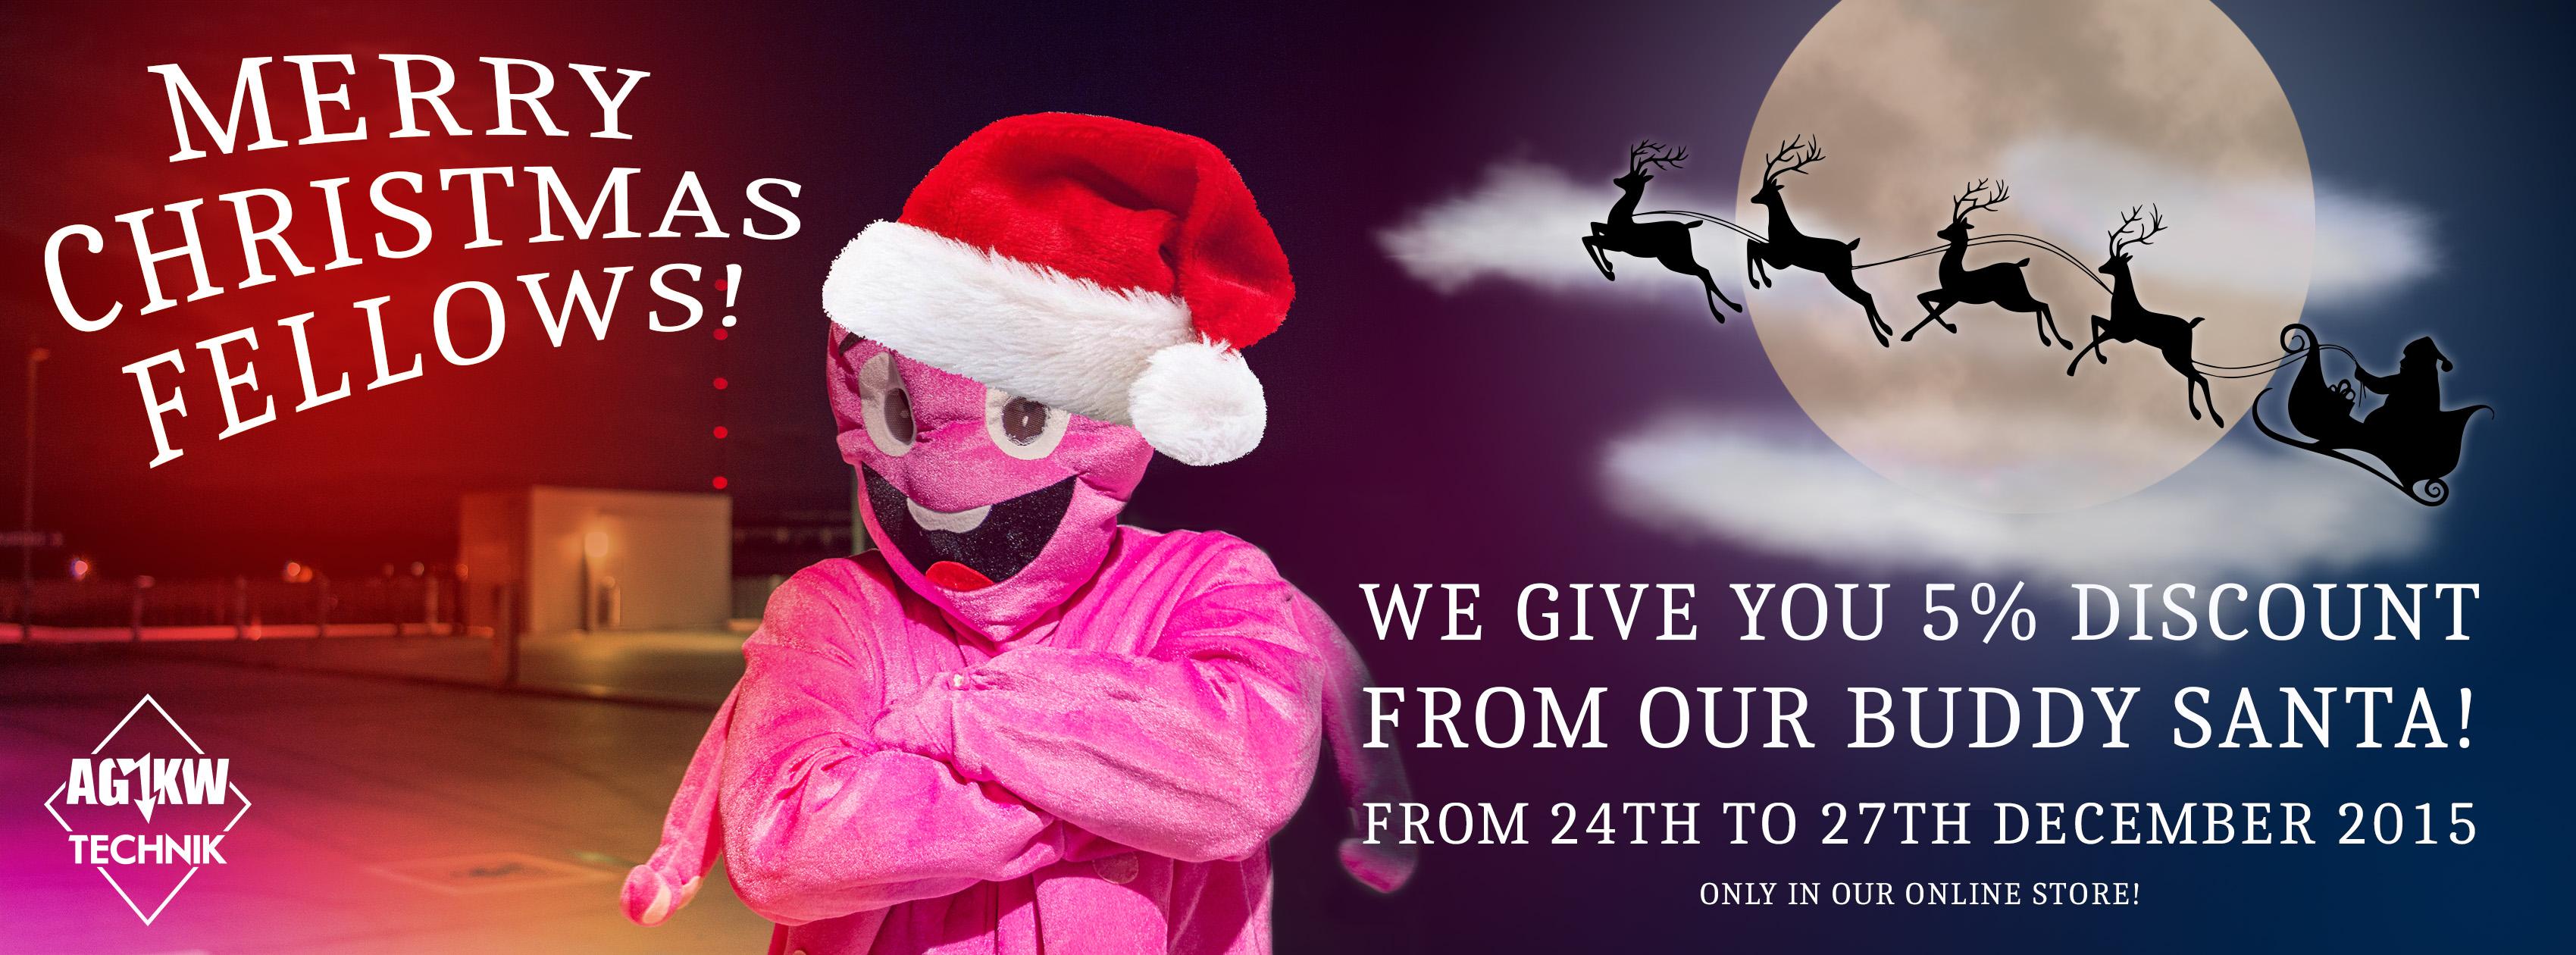 Christmas-2015-Discount-IMG_7761